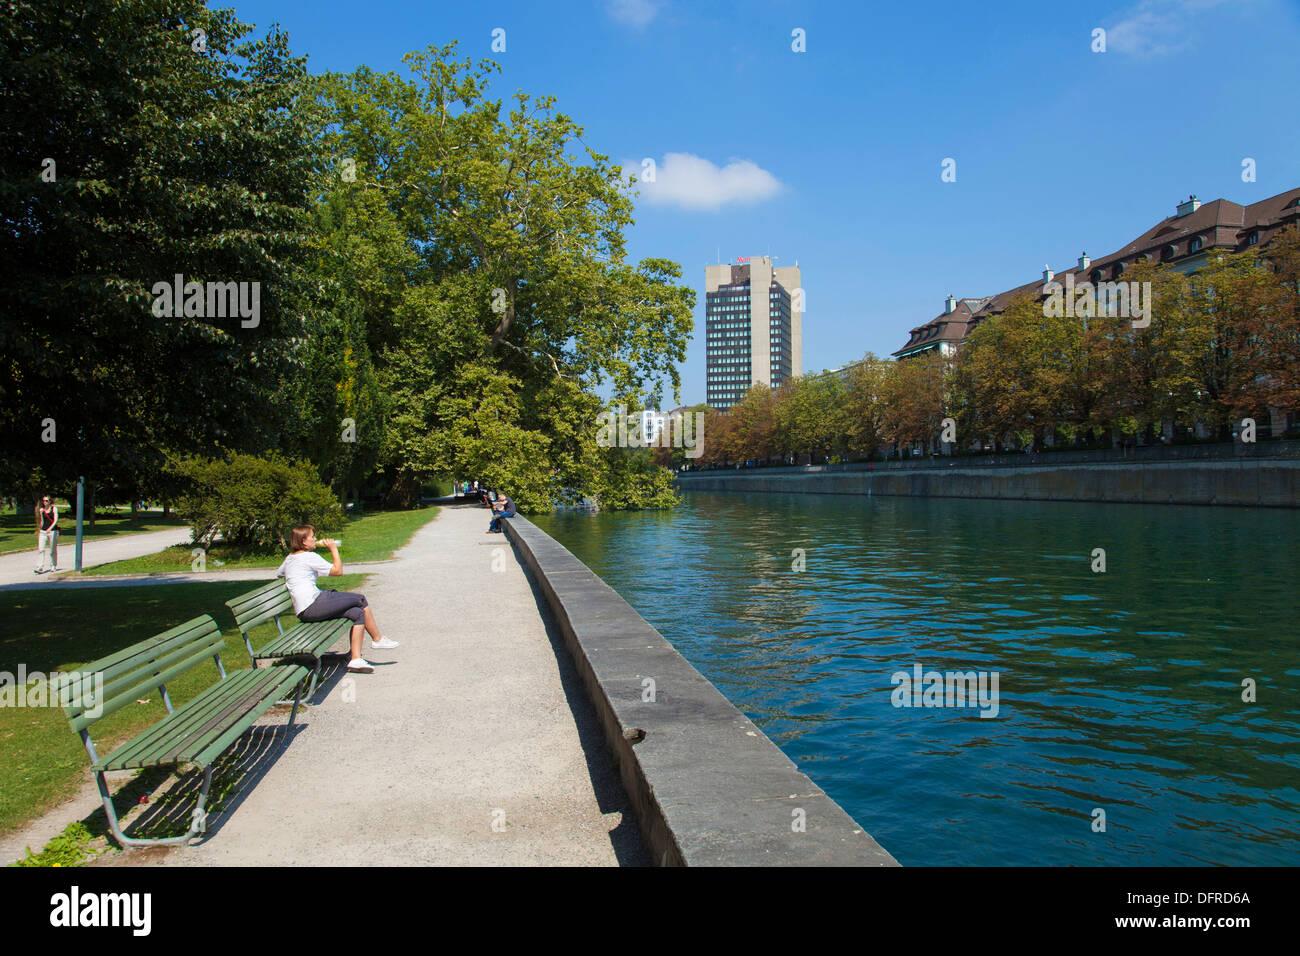 Switzerland, Zurich, Limmat river - Stock Image